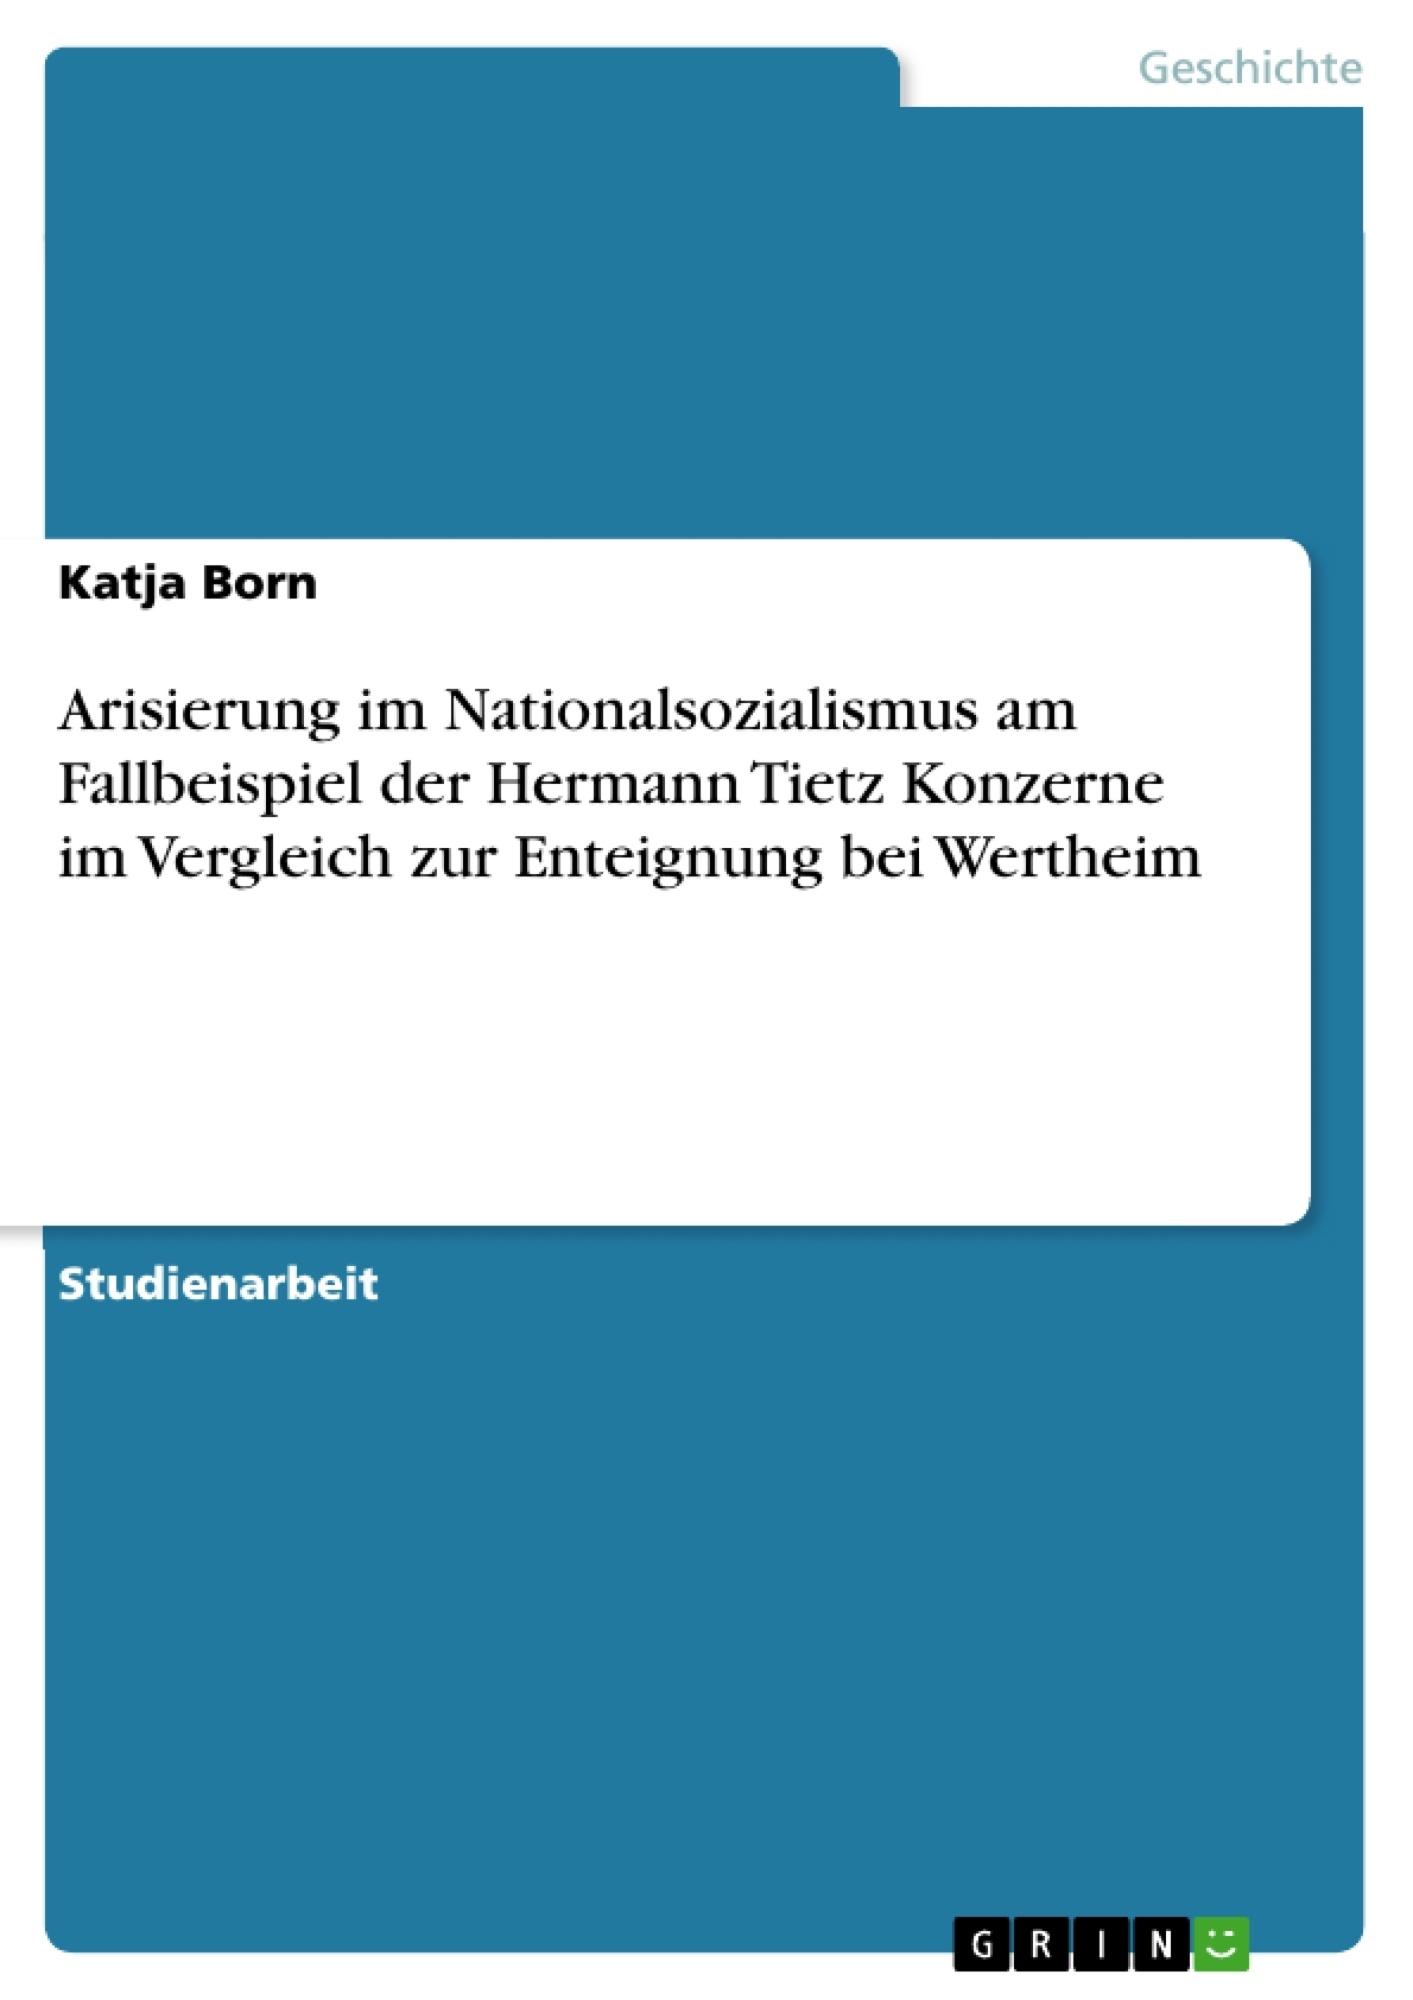 Titel: Arisierung im Nationalsozialismus am Fallbeispiel der Hermann Tietz Konzerne im Vergleich zur Enteignung bei Wertheim